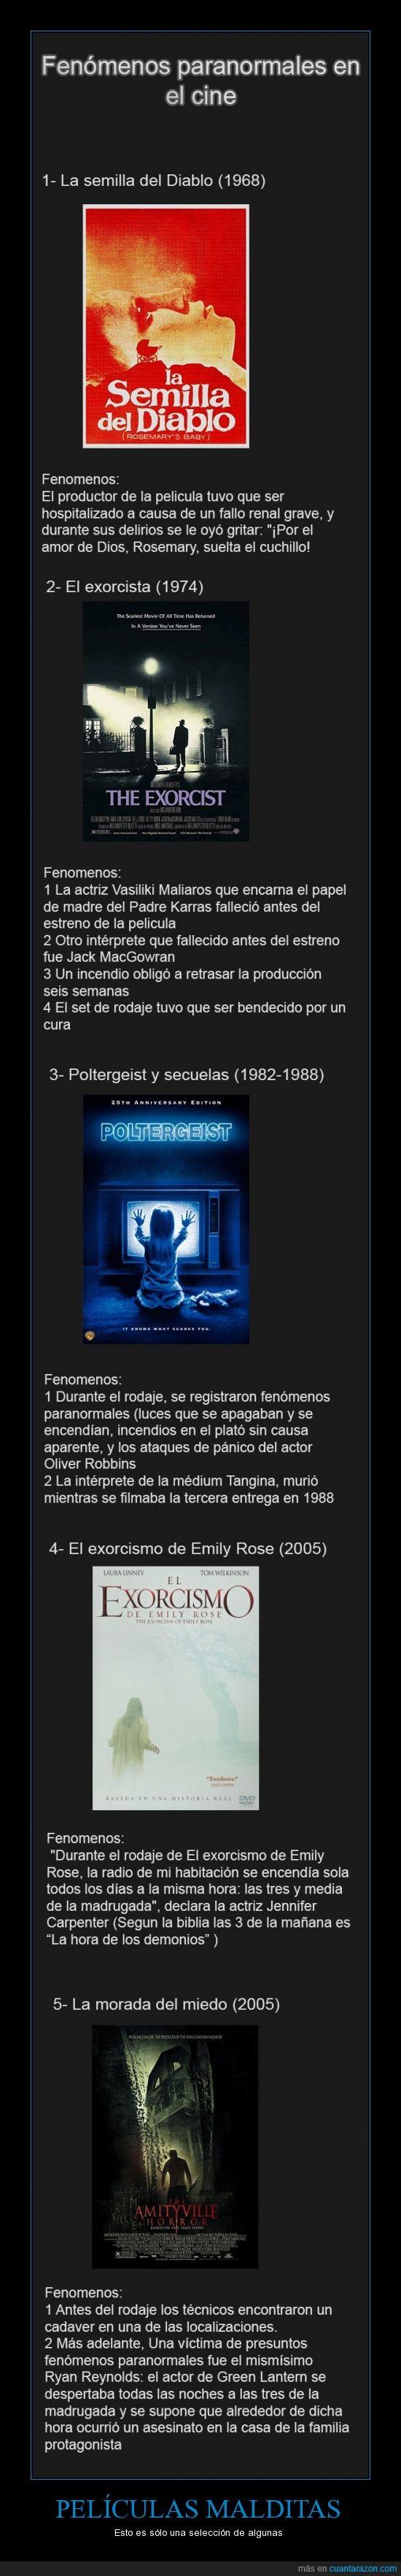 cine,fenomenos,hollywood,malditas,maldito,paranormales,peliculas,seleccion